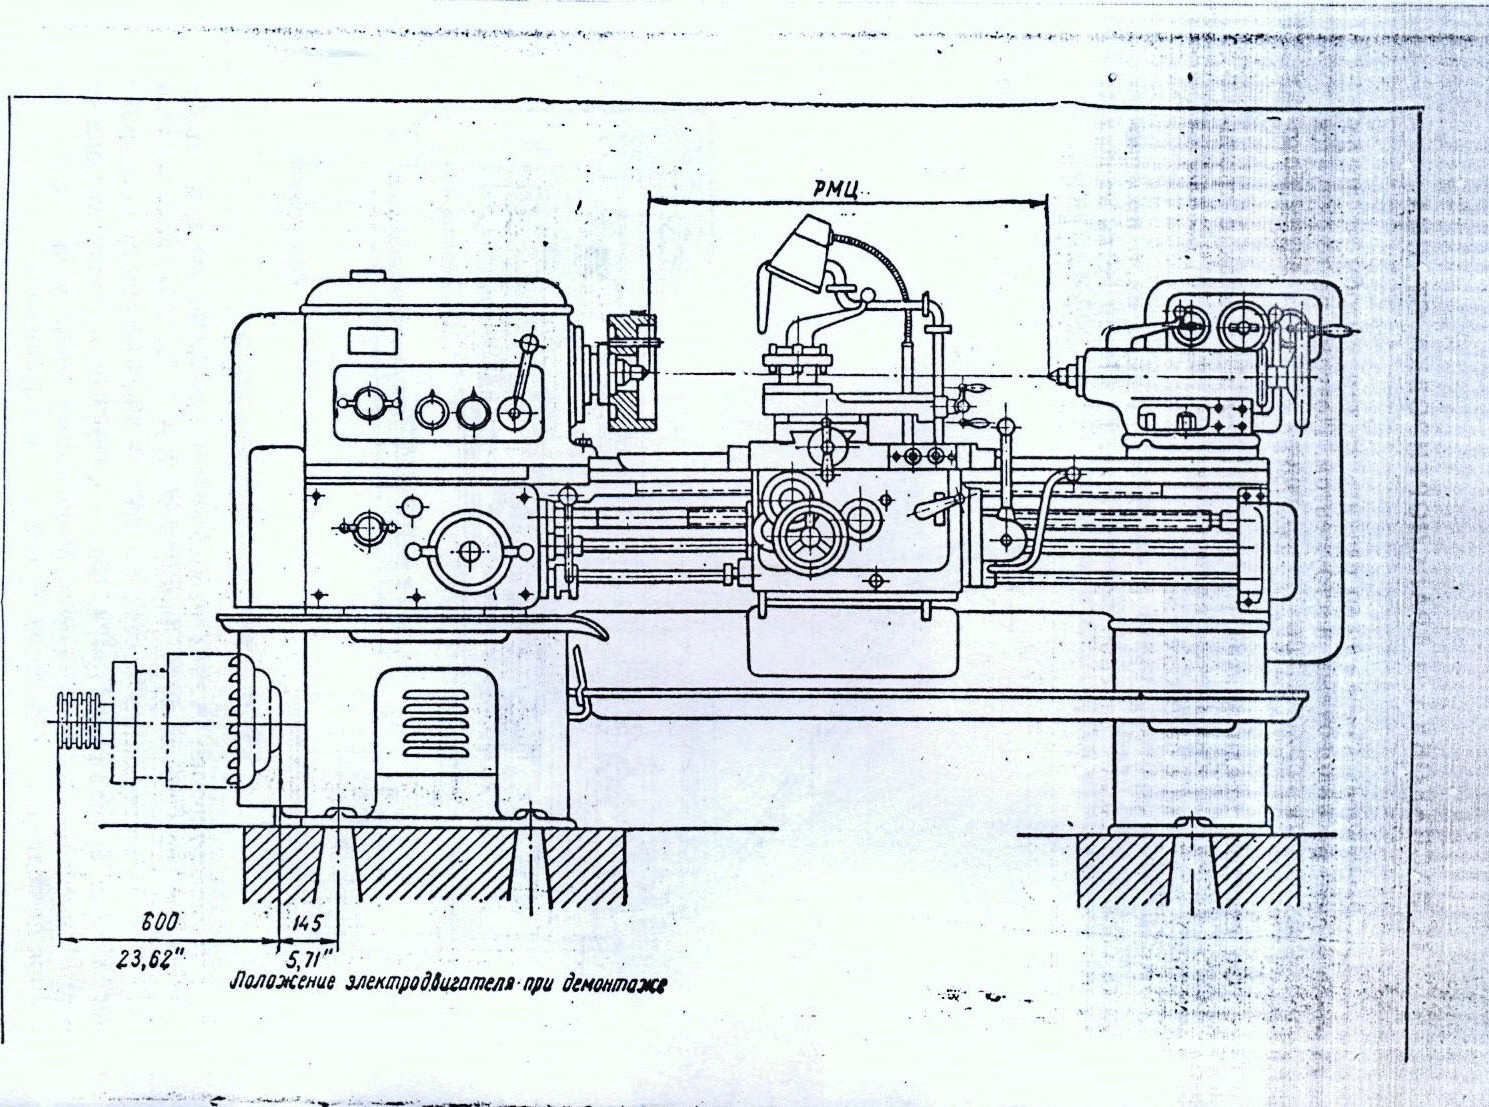 Карта и схема смазки многопильного станка